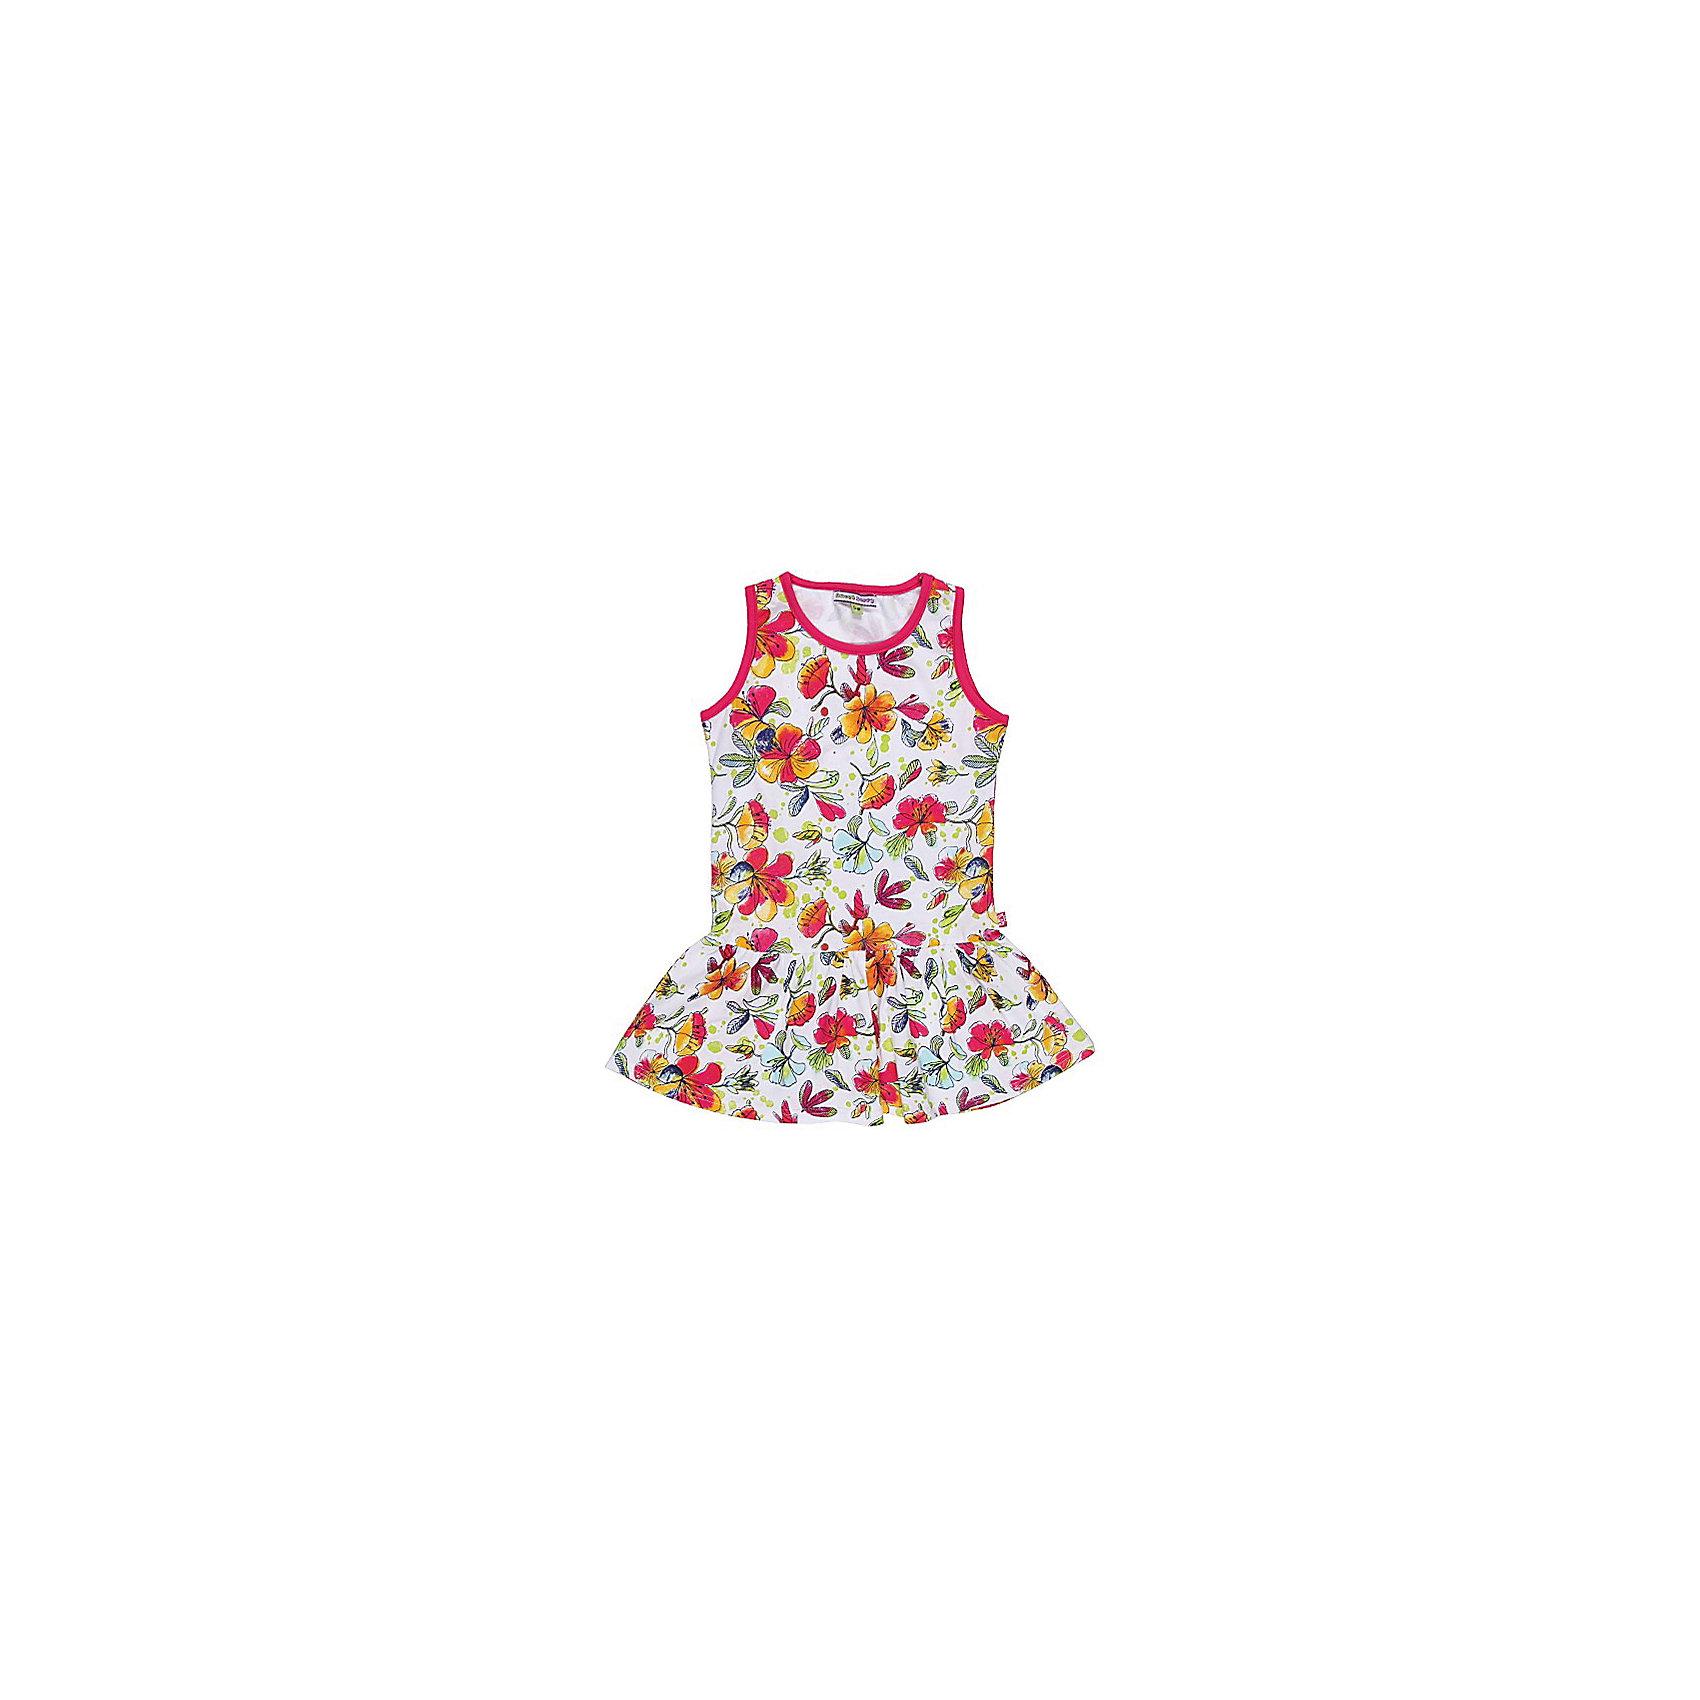 Платье для девочки Sweet BerryЛетние платья и сарафаны<br>Удобное платье из принтованного трикотажа.<br>Состав:<br>95% хлопок, 5% эластан<br><br>Ширина мм: 236<br>Глубина мм: 16<br>Высота мм: 184<br>Вес г: 177<br>Цвет: разноцветный<br>Возраст от месяцев: 24<br>Возраст до месяцев: 36<br>Пол: Женский<br>Возраст: Детский<br>Размер: 98,110,104,128,122,116<br>SKU: 4521180